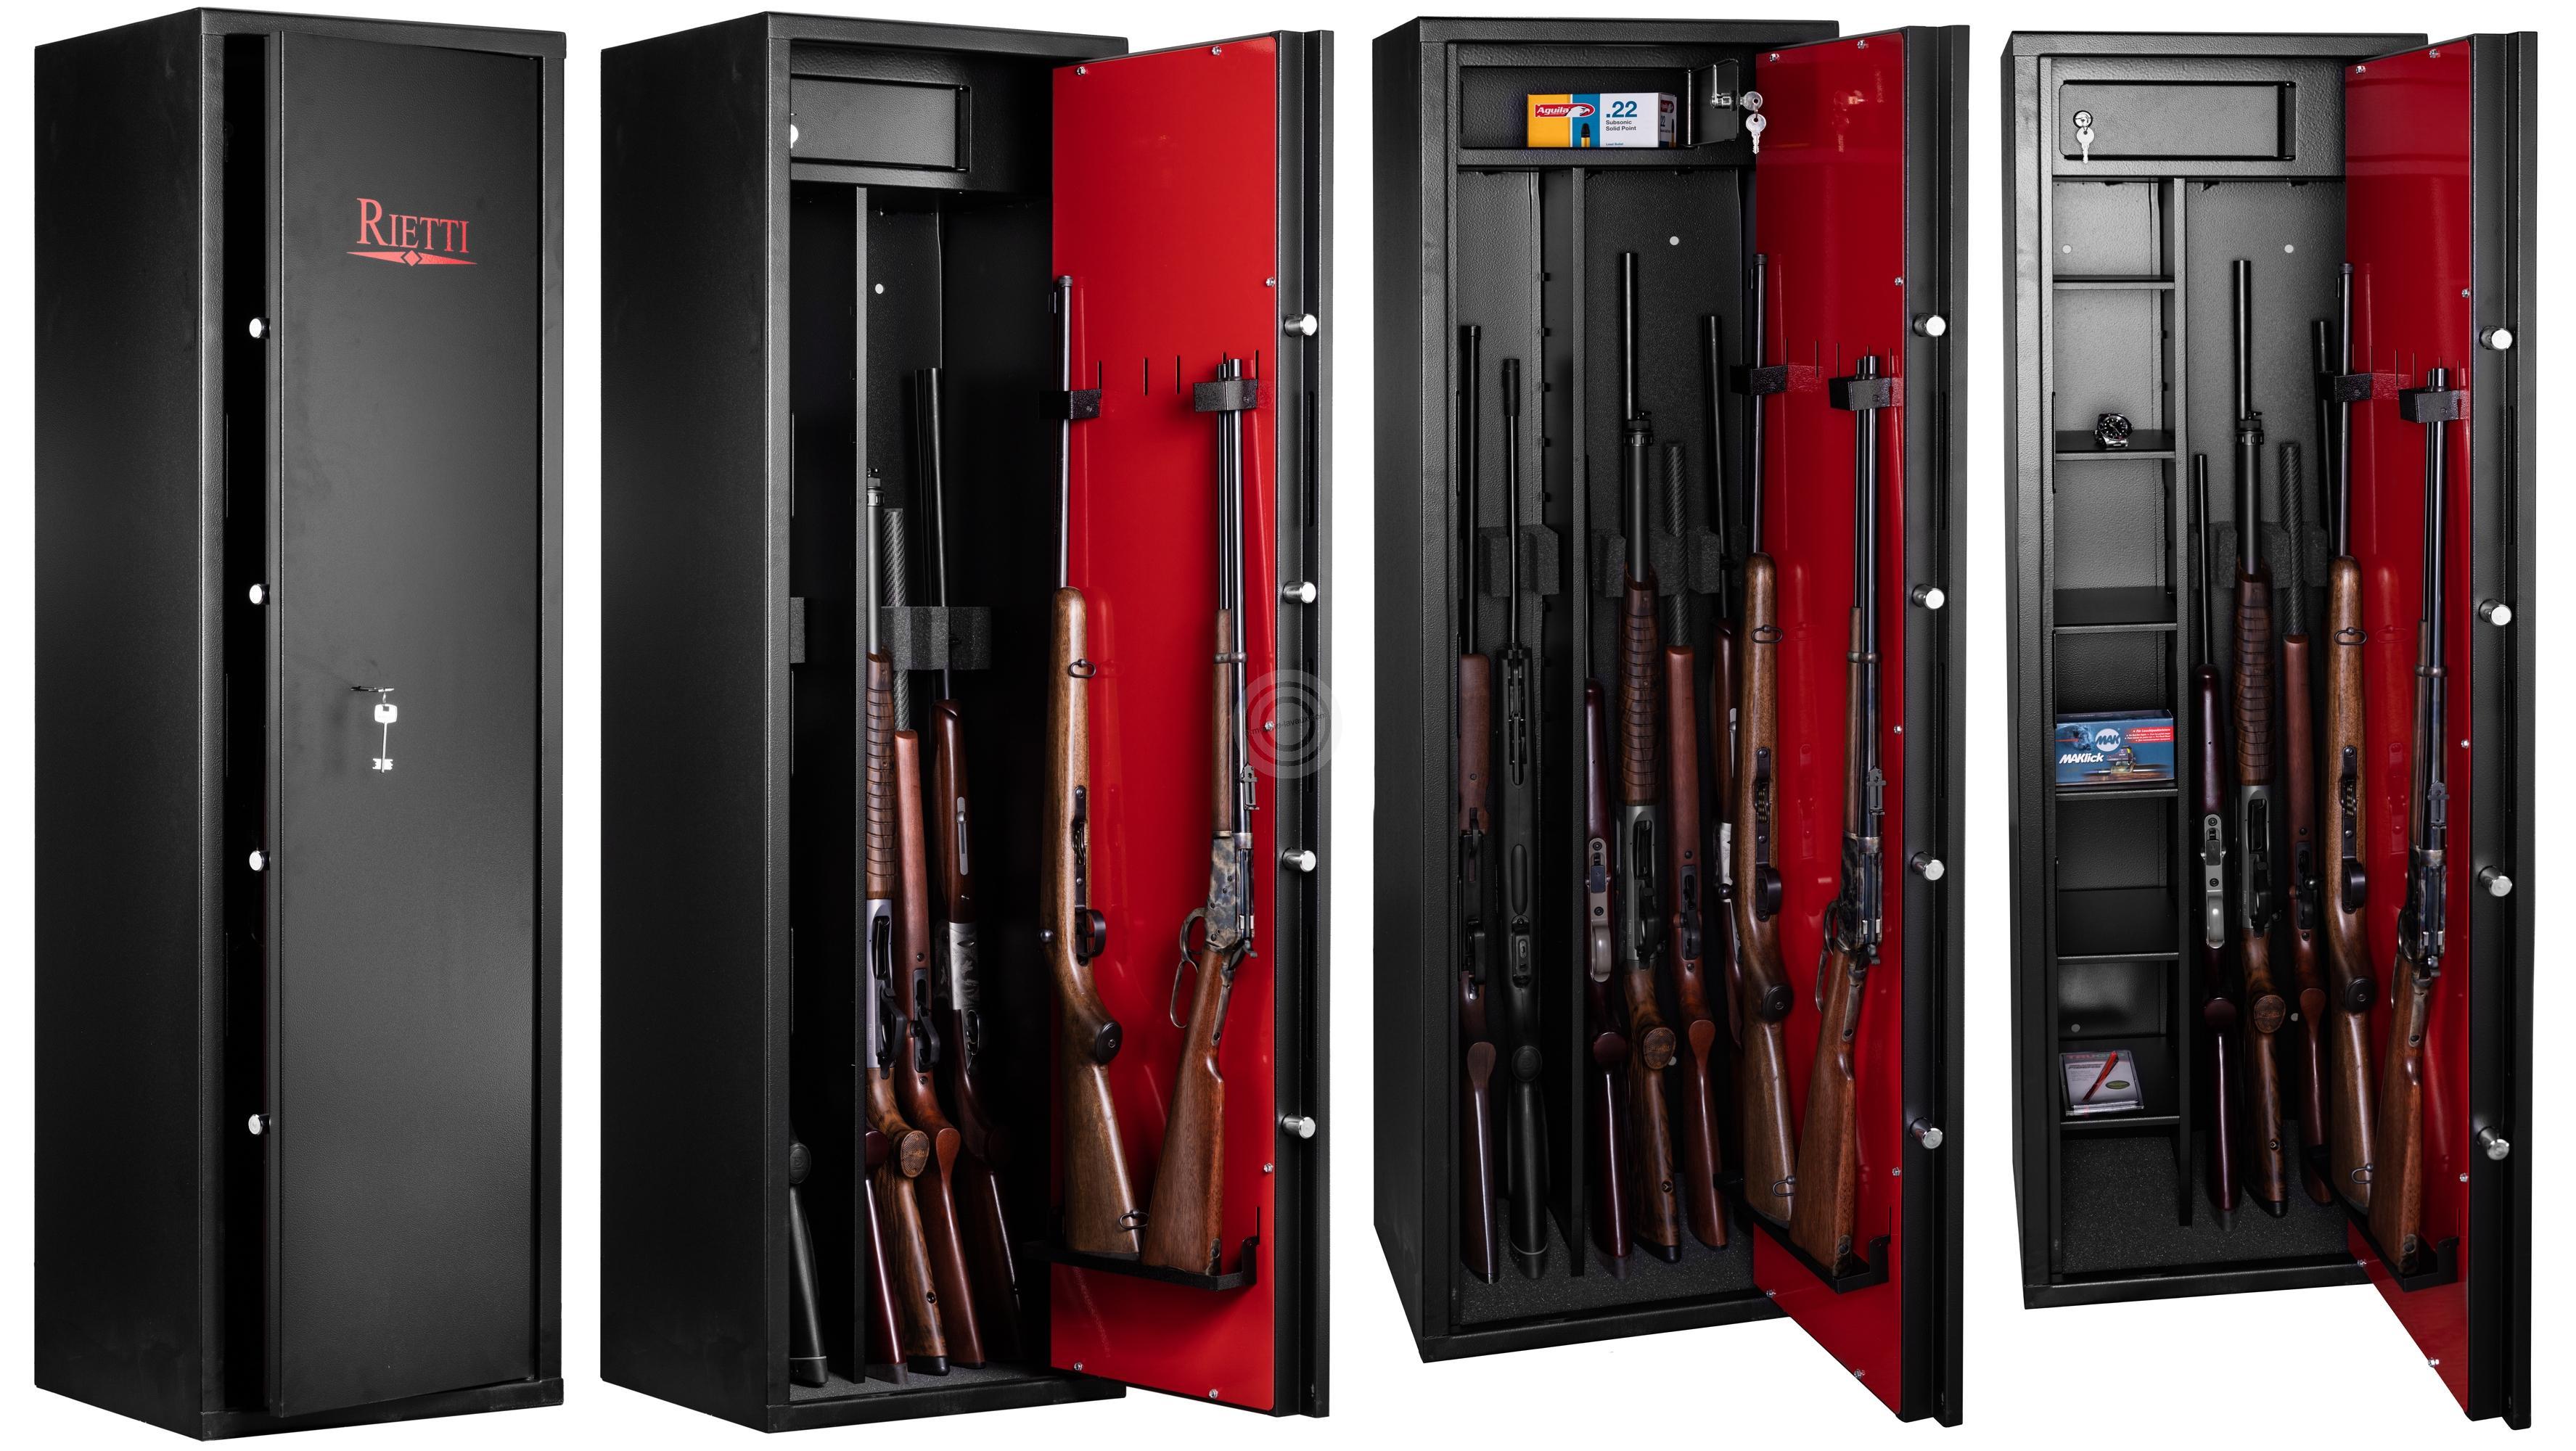 Coffre pour armes RIETTI First 70kg (9 modulables armes)